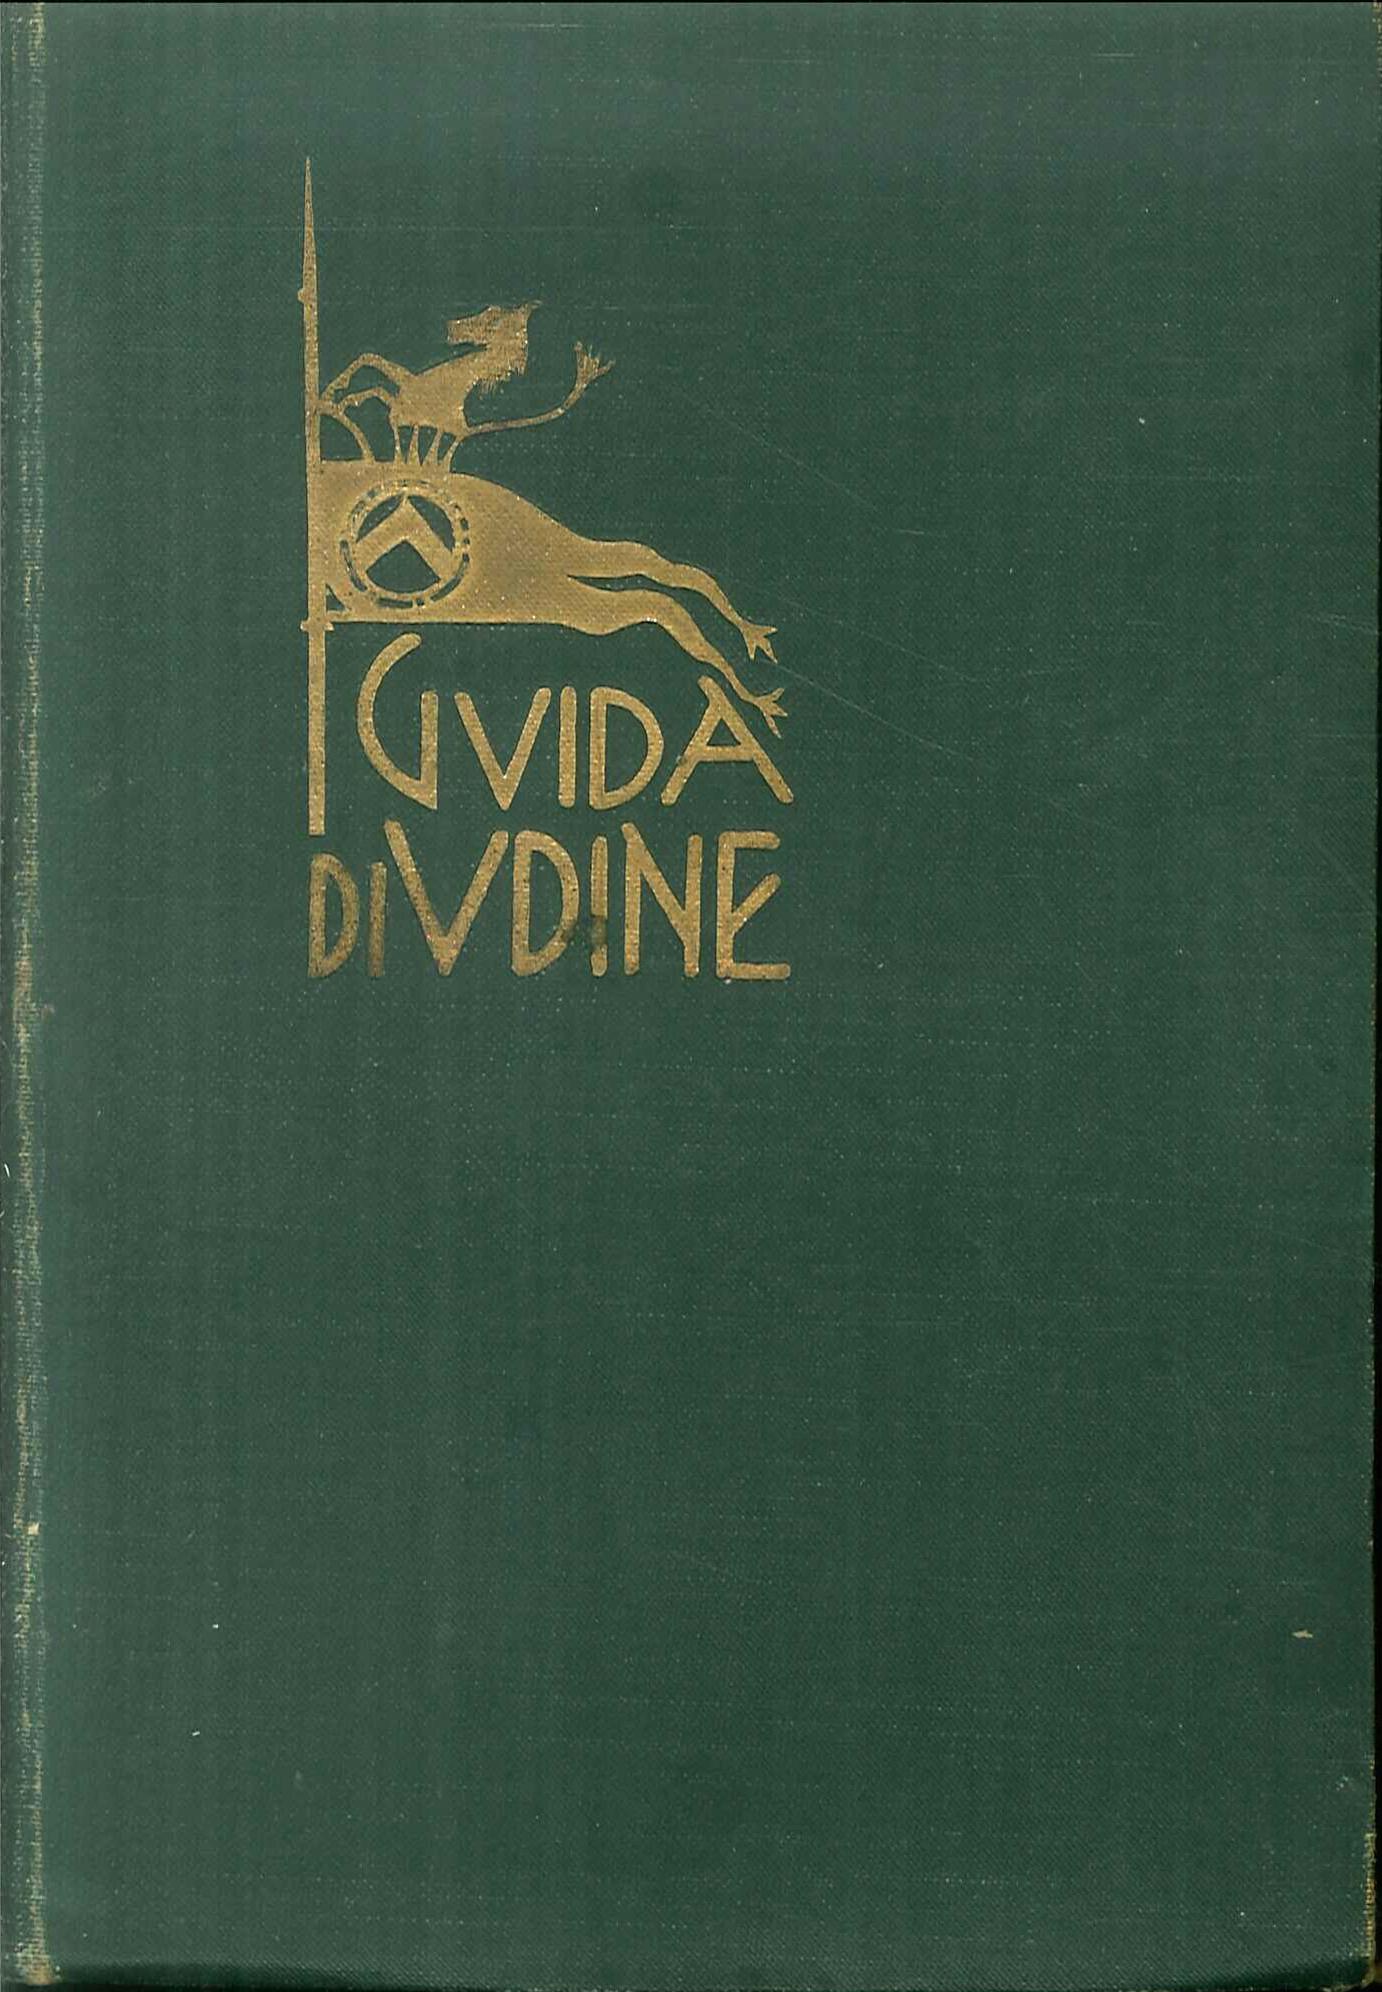 Guida di Udine pubblicata sotto gli auspici del Consiglio Provinciale dell'Economia Corporativa